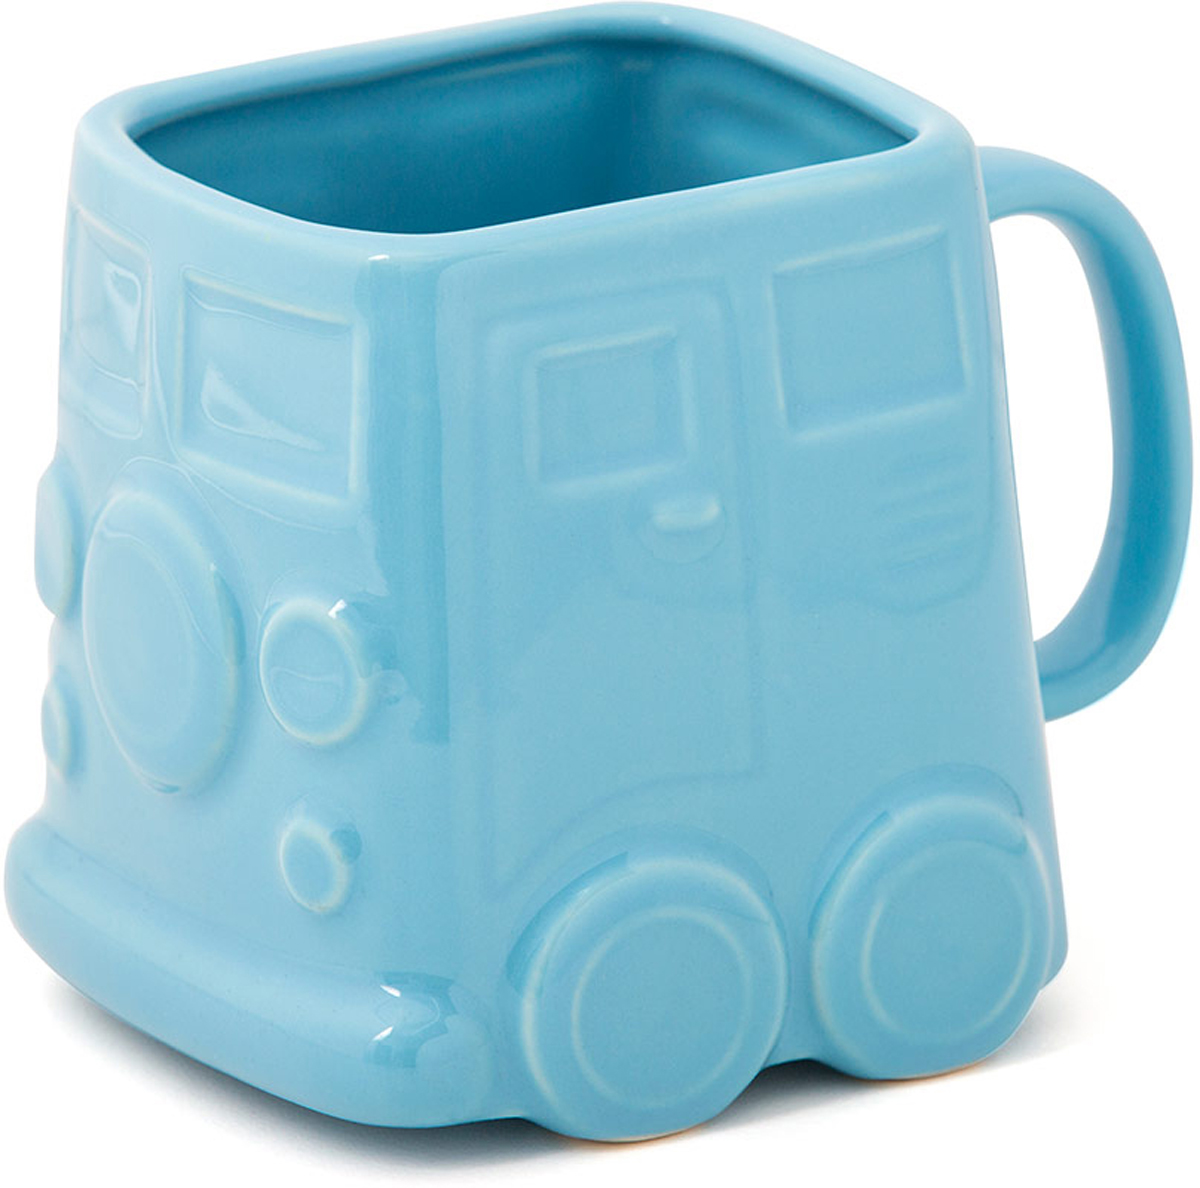 Кружка Balvi Van, цвет: синий, 400 мл26642Оригинальная кружка Van отлично подойдет всем любителям стильных аксессуаров для своей кухни. Кружка синего цвета выполнена в необычной прямоугольной форме и оформлена в виде забавного хиппи-фургона на колесах. Коллекционеры и просто любители необычных кружек обязательно оценят данную модель от испанских дизайнеров. Керамический материал обеспечивает необходимую прочность, и способствует тому, чтобы напиток не обжигал, но при этом долго сохранял тепло.- Оригинальный дизайн хиппи-фургончика 60-х годов XX века.- Детализированная проработка внешнего вида.- Яркий насыщенный цвет.- Отличный подарок коллекционерам и просто любителям стильных вещей.- Оъем: 400 мл.